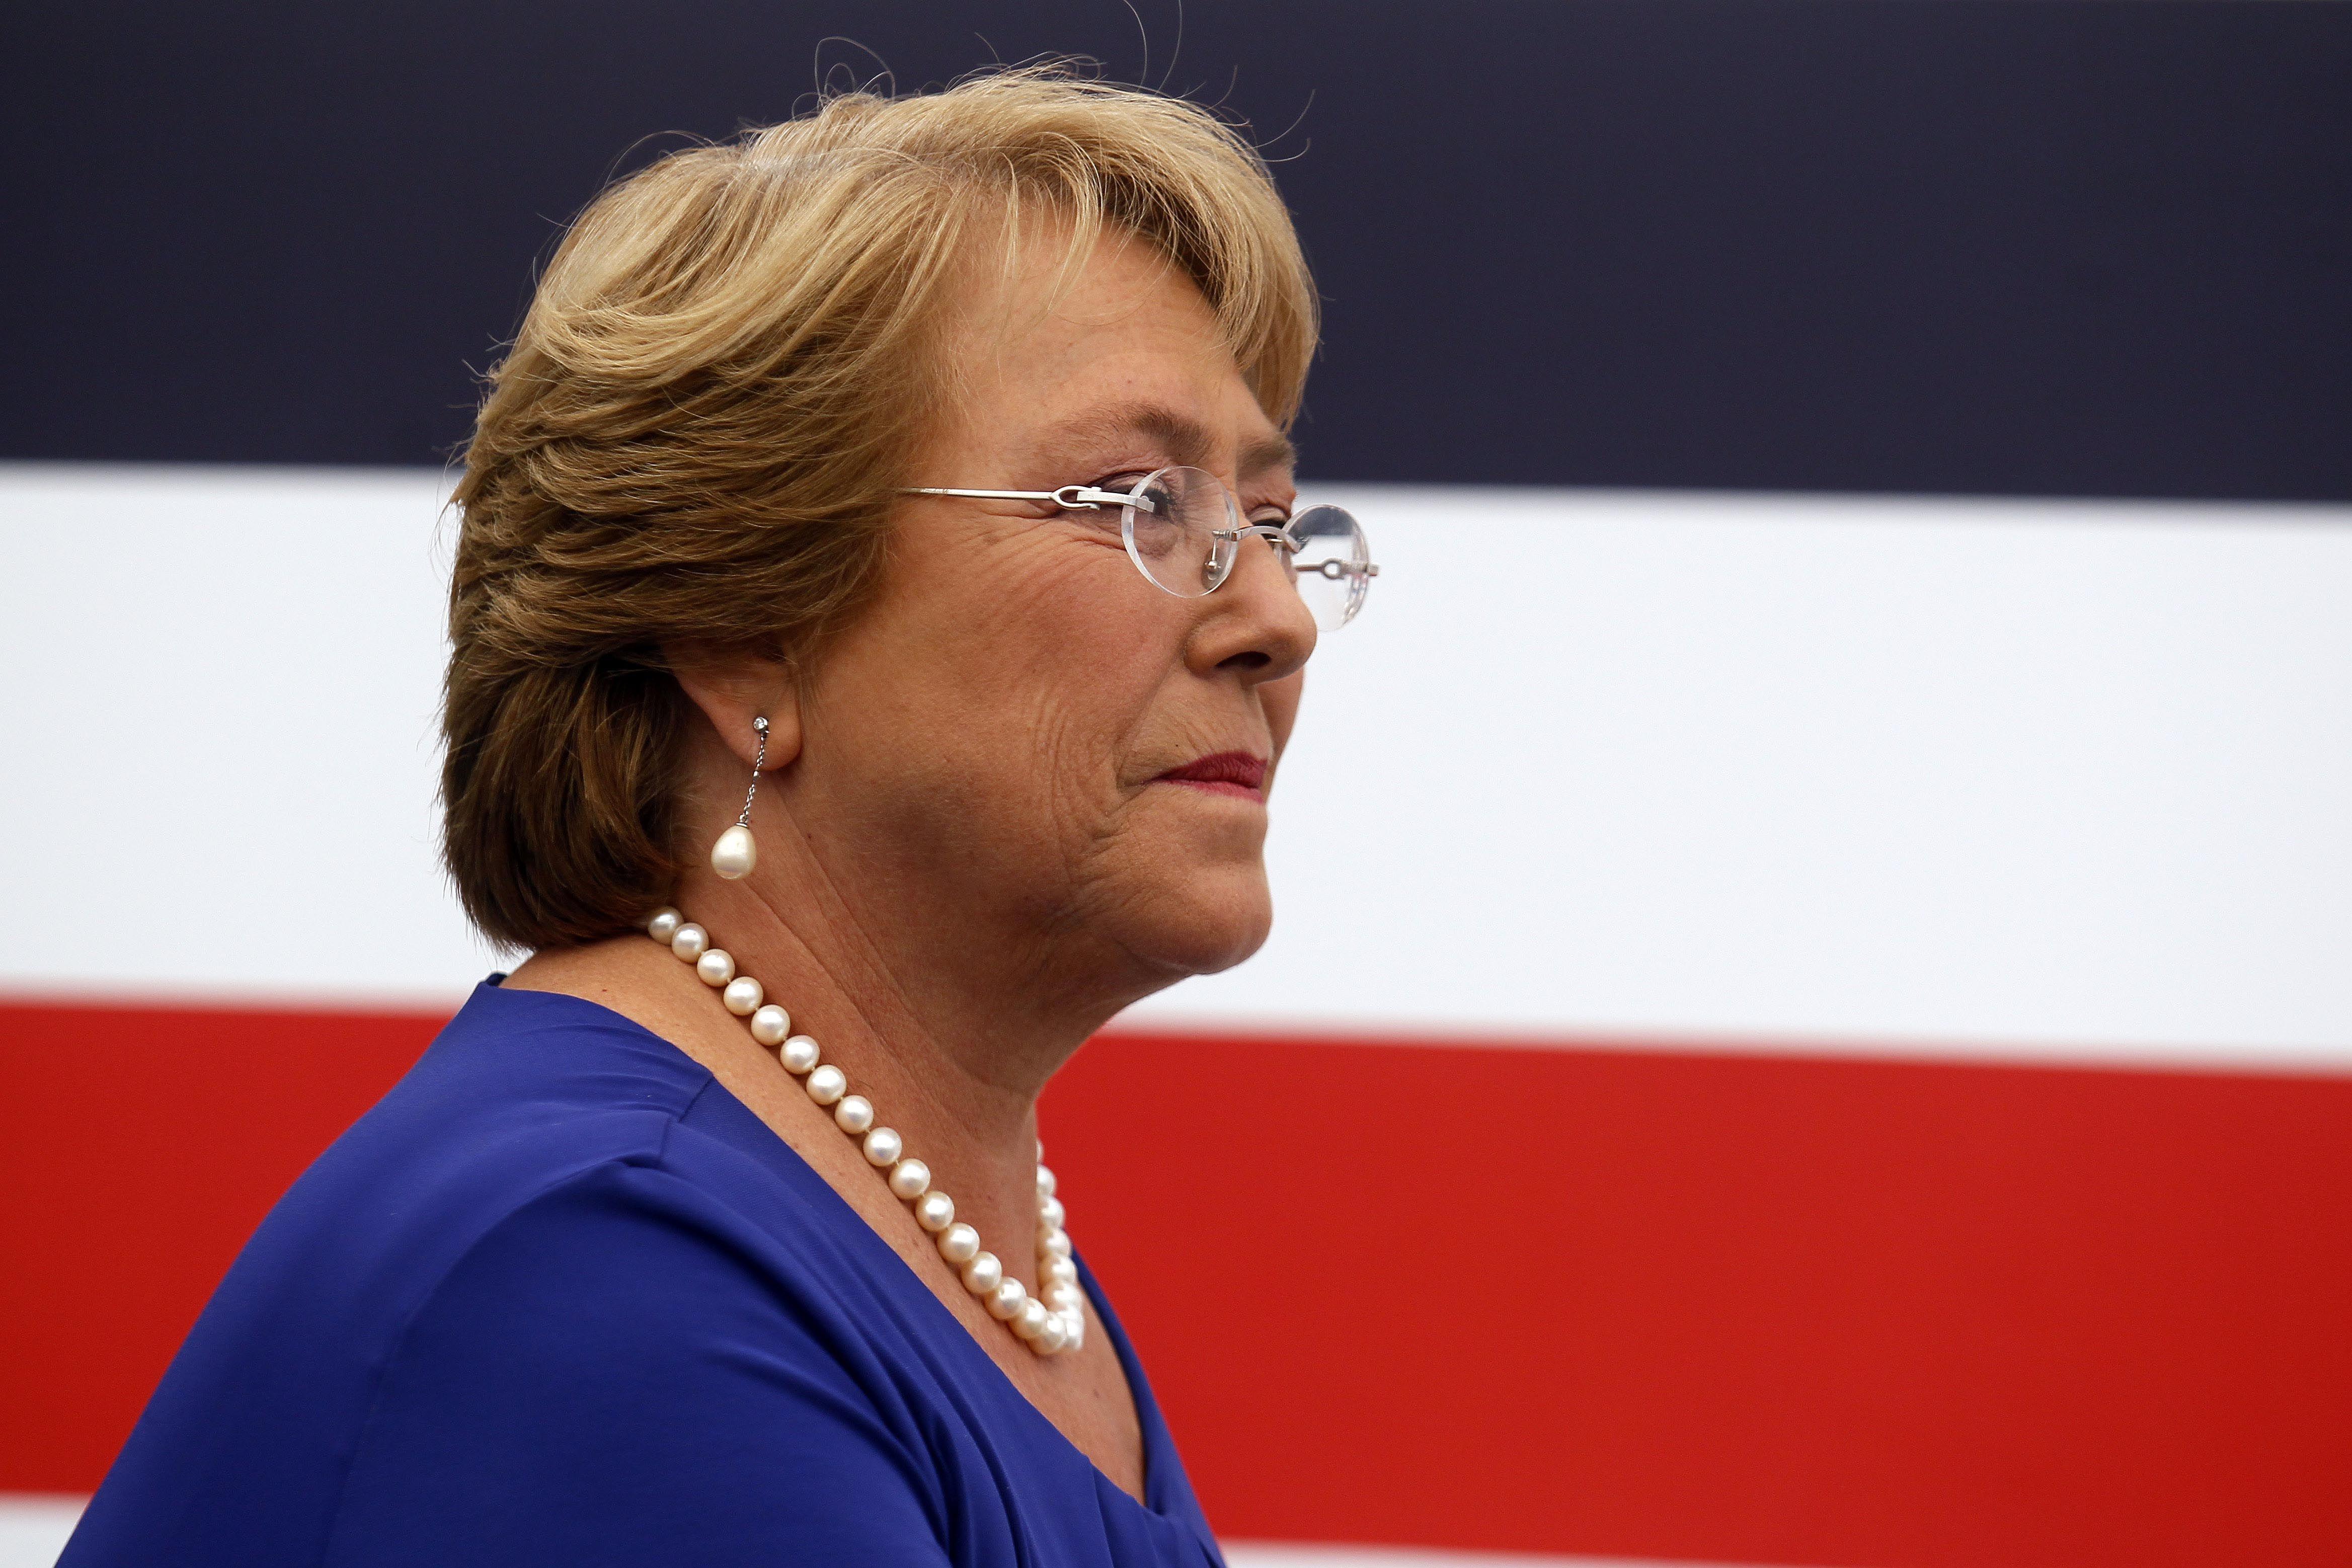 Anuncios. Bachelet busca acabar con las irregularidades